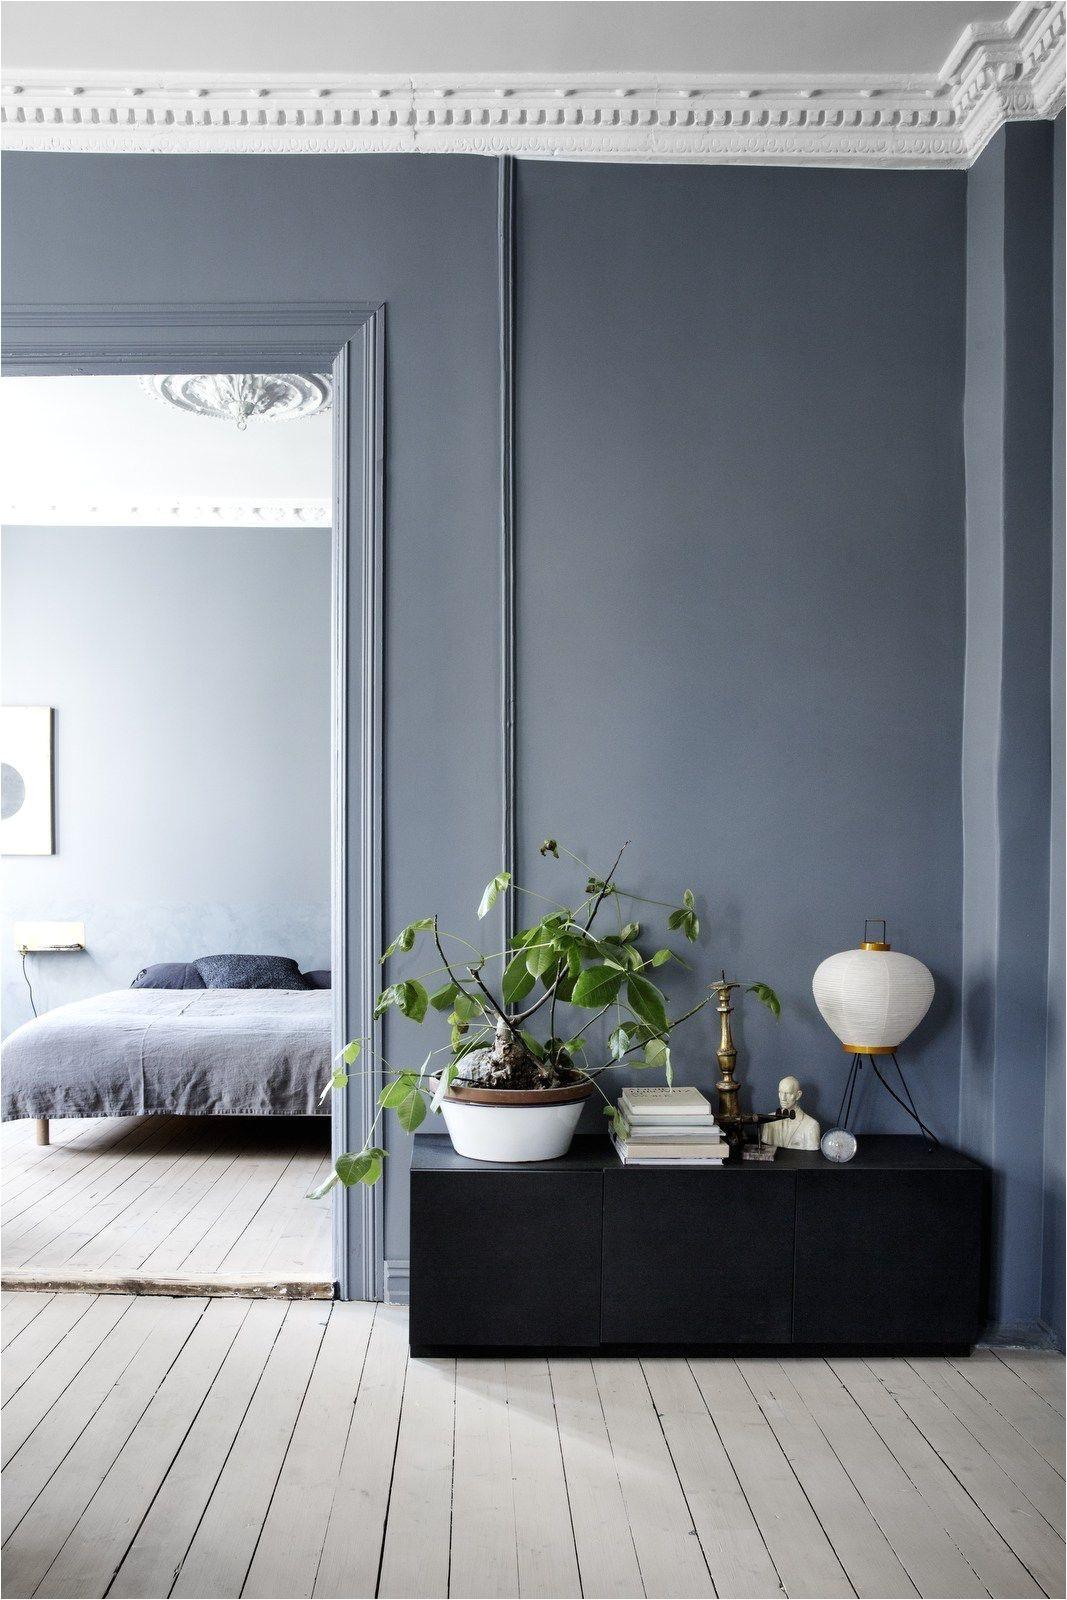 Benjamin Moore Winter Gray Bedroom Image Result for Benjamin Moore Oxford Gray Bedroom Master In